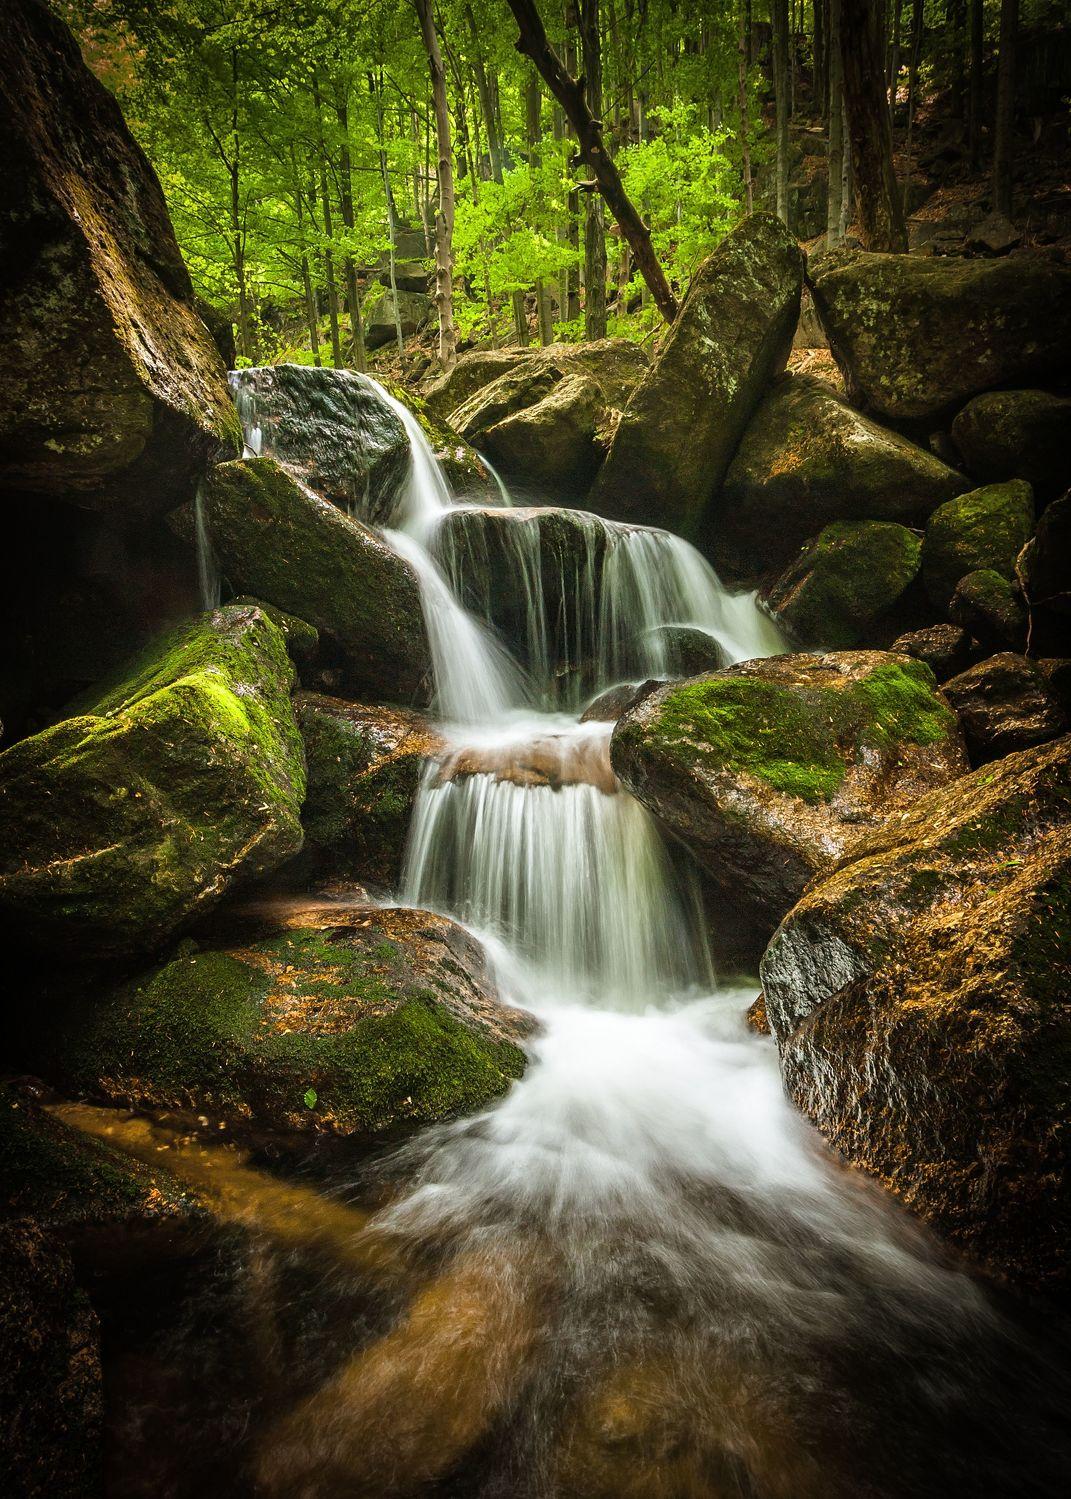 Bild mit Natur, Gewässer, Flüsse, Herbst, Wasserfälle, Bach, Wasserfall, Elfen, Wasserläufe, Fluss, Feenland, Elfenland, feen